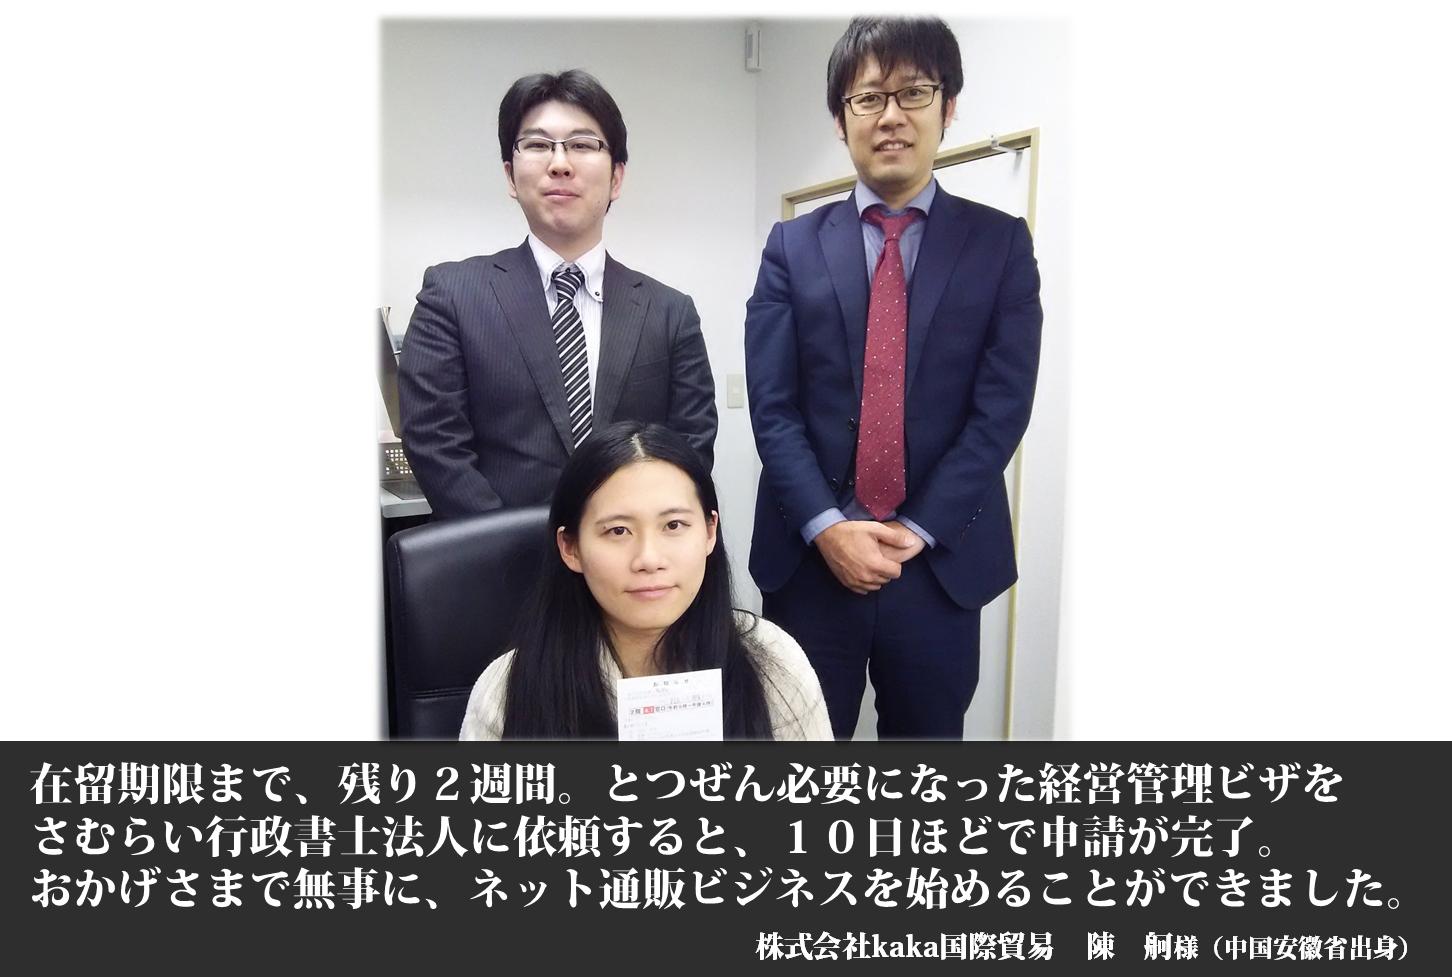 経営管理ビザ(株式会社kaka国際貿易)